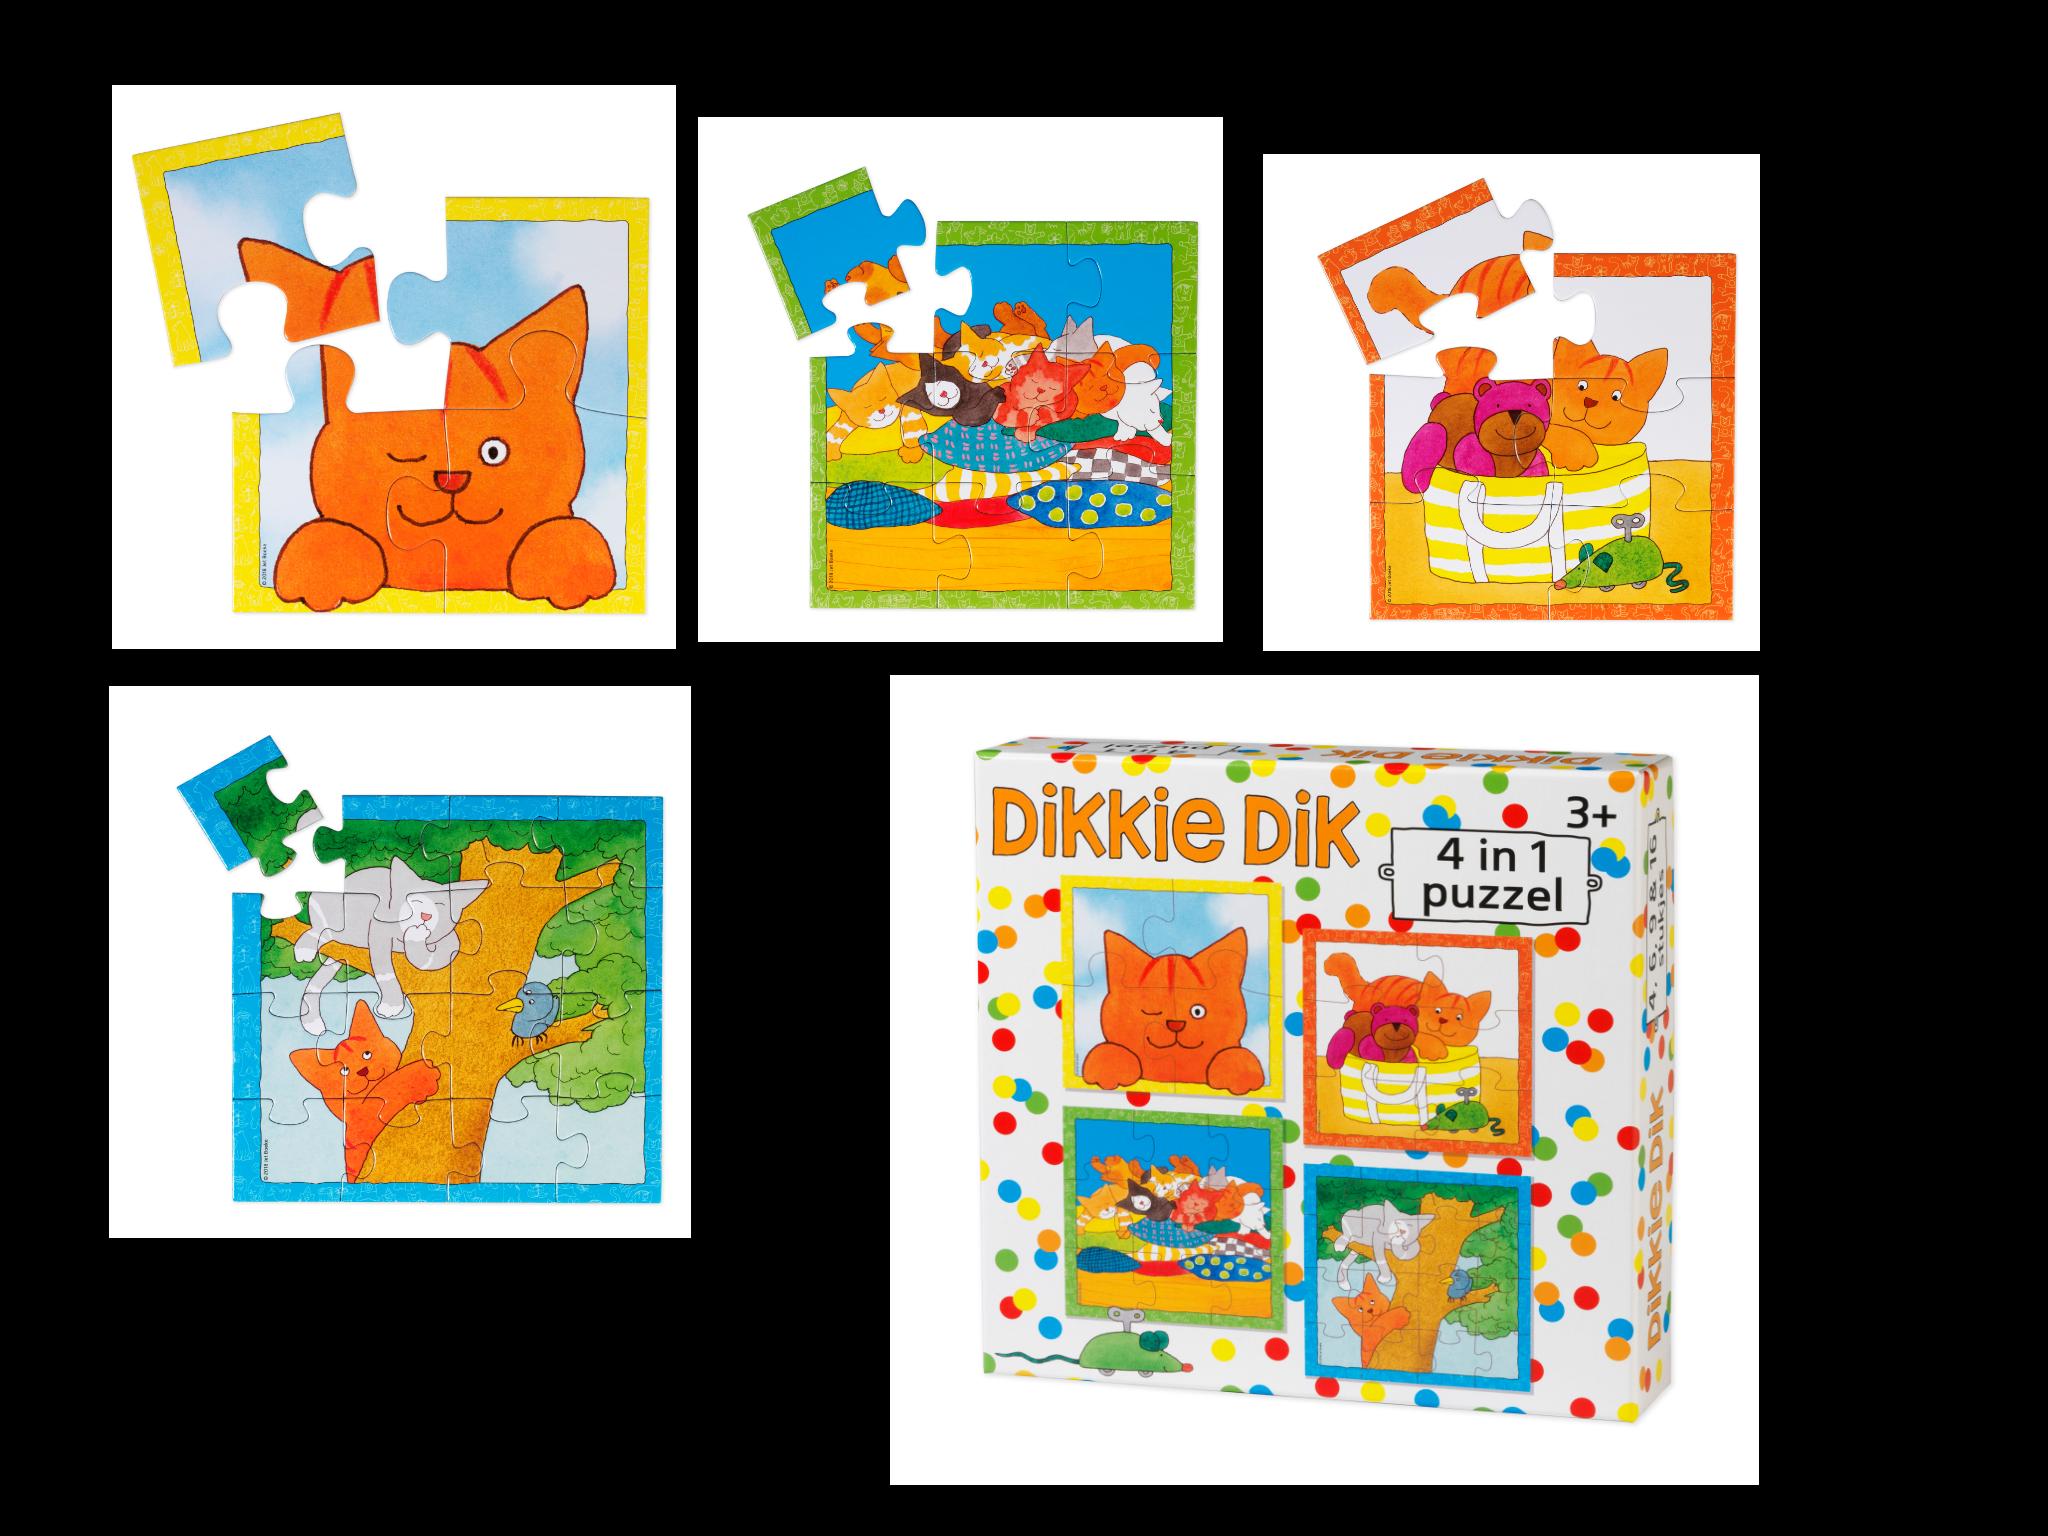 4 in 1 puzzel Dikkie Dik